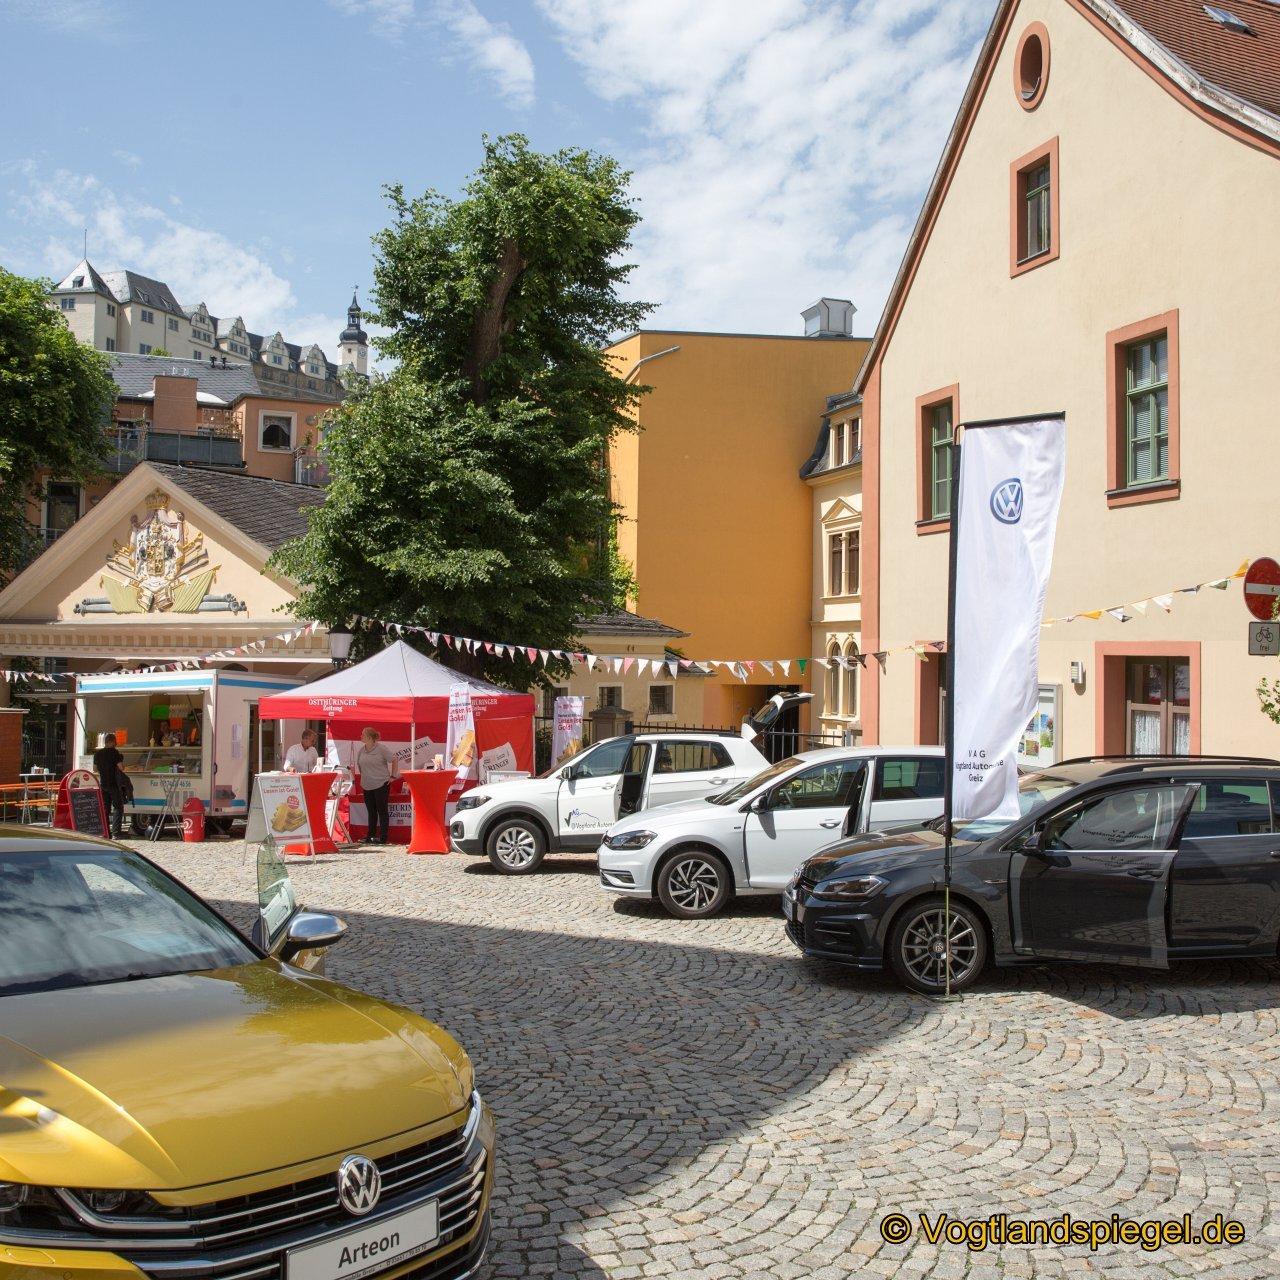 Samstag feiern die Greizer und ihre Gäste friedlich und ausgelassen ihr Park-und Schlossfest